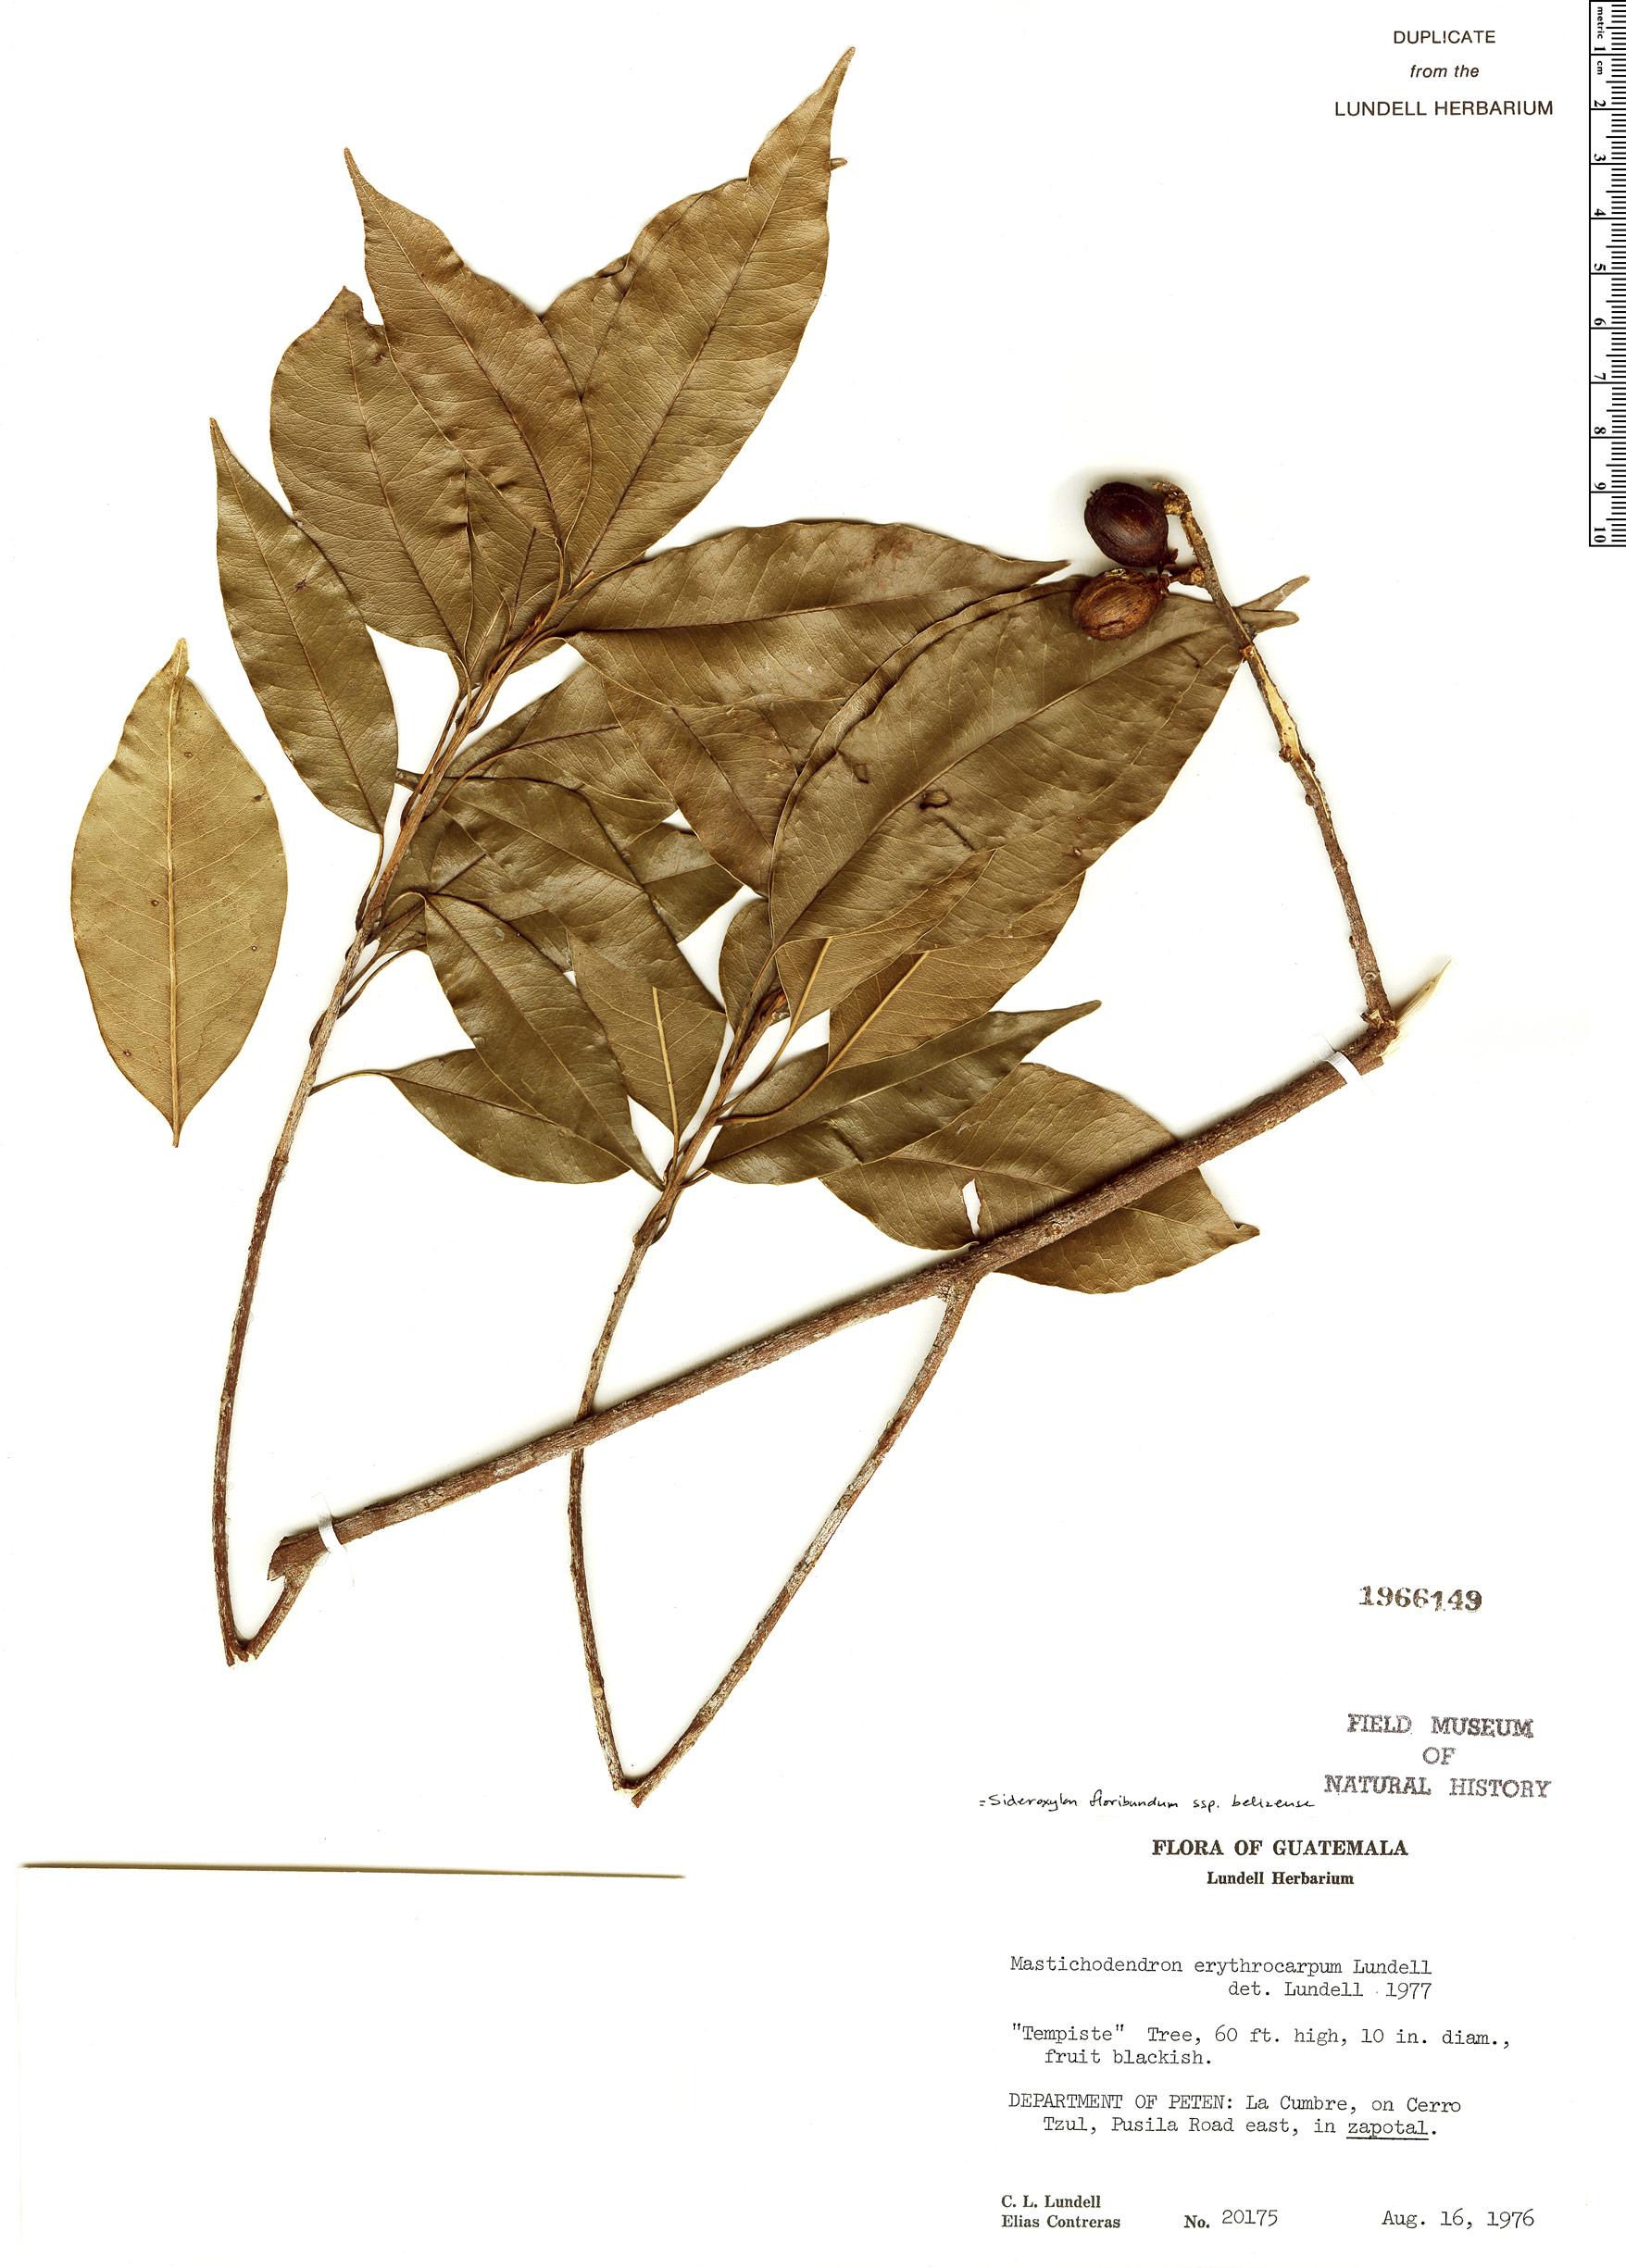 Specimen: Sideroxylon floribundum